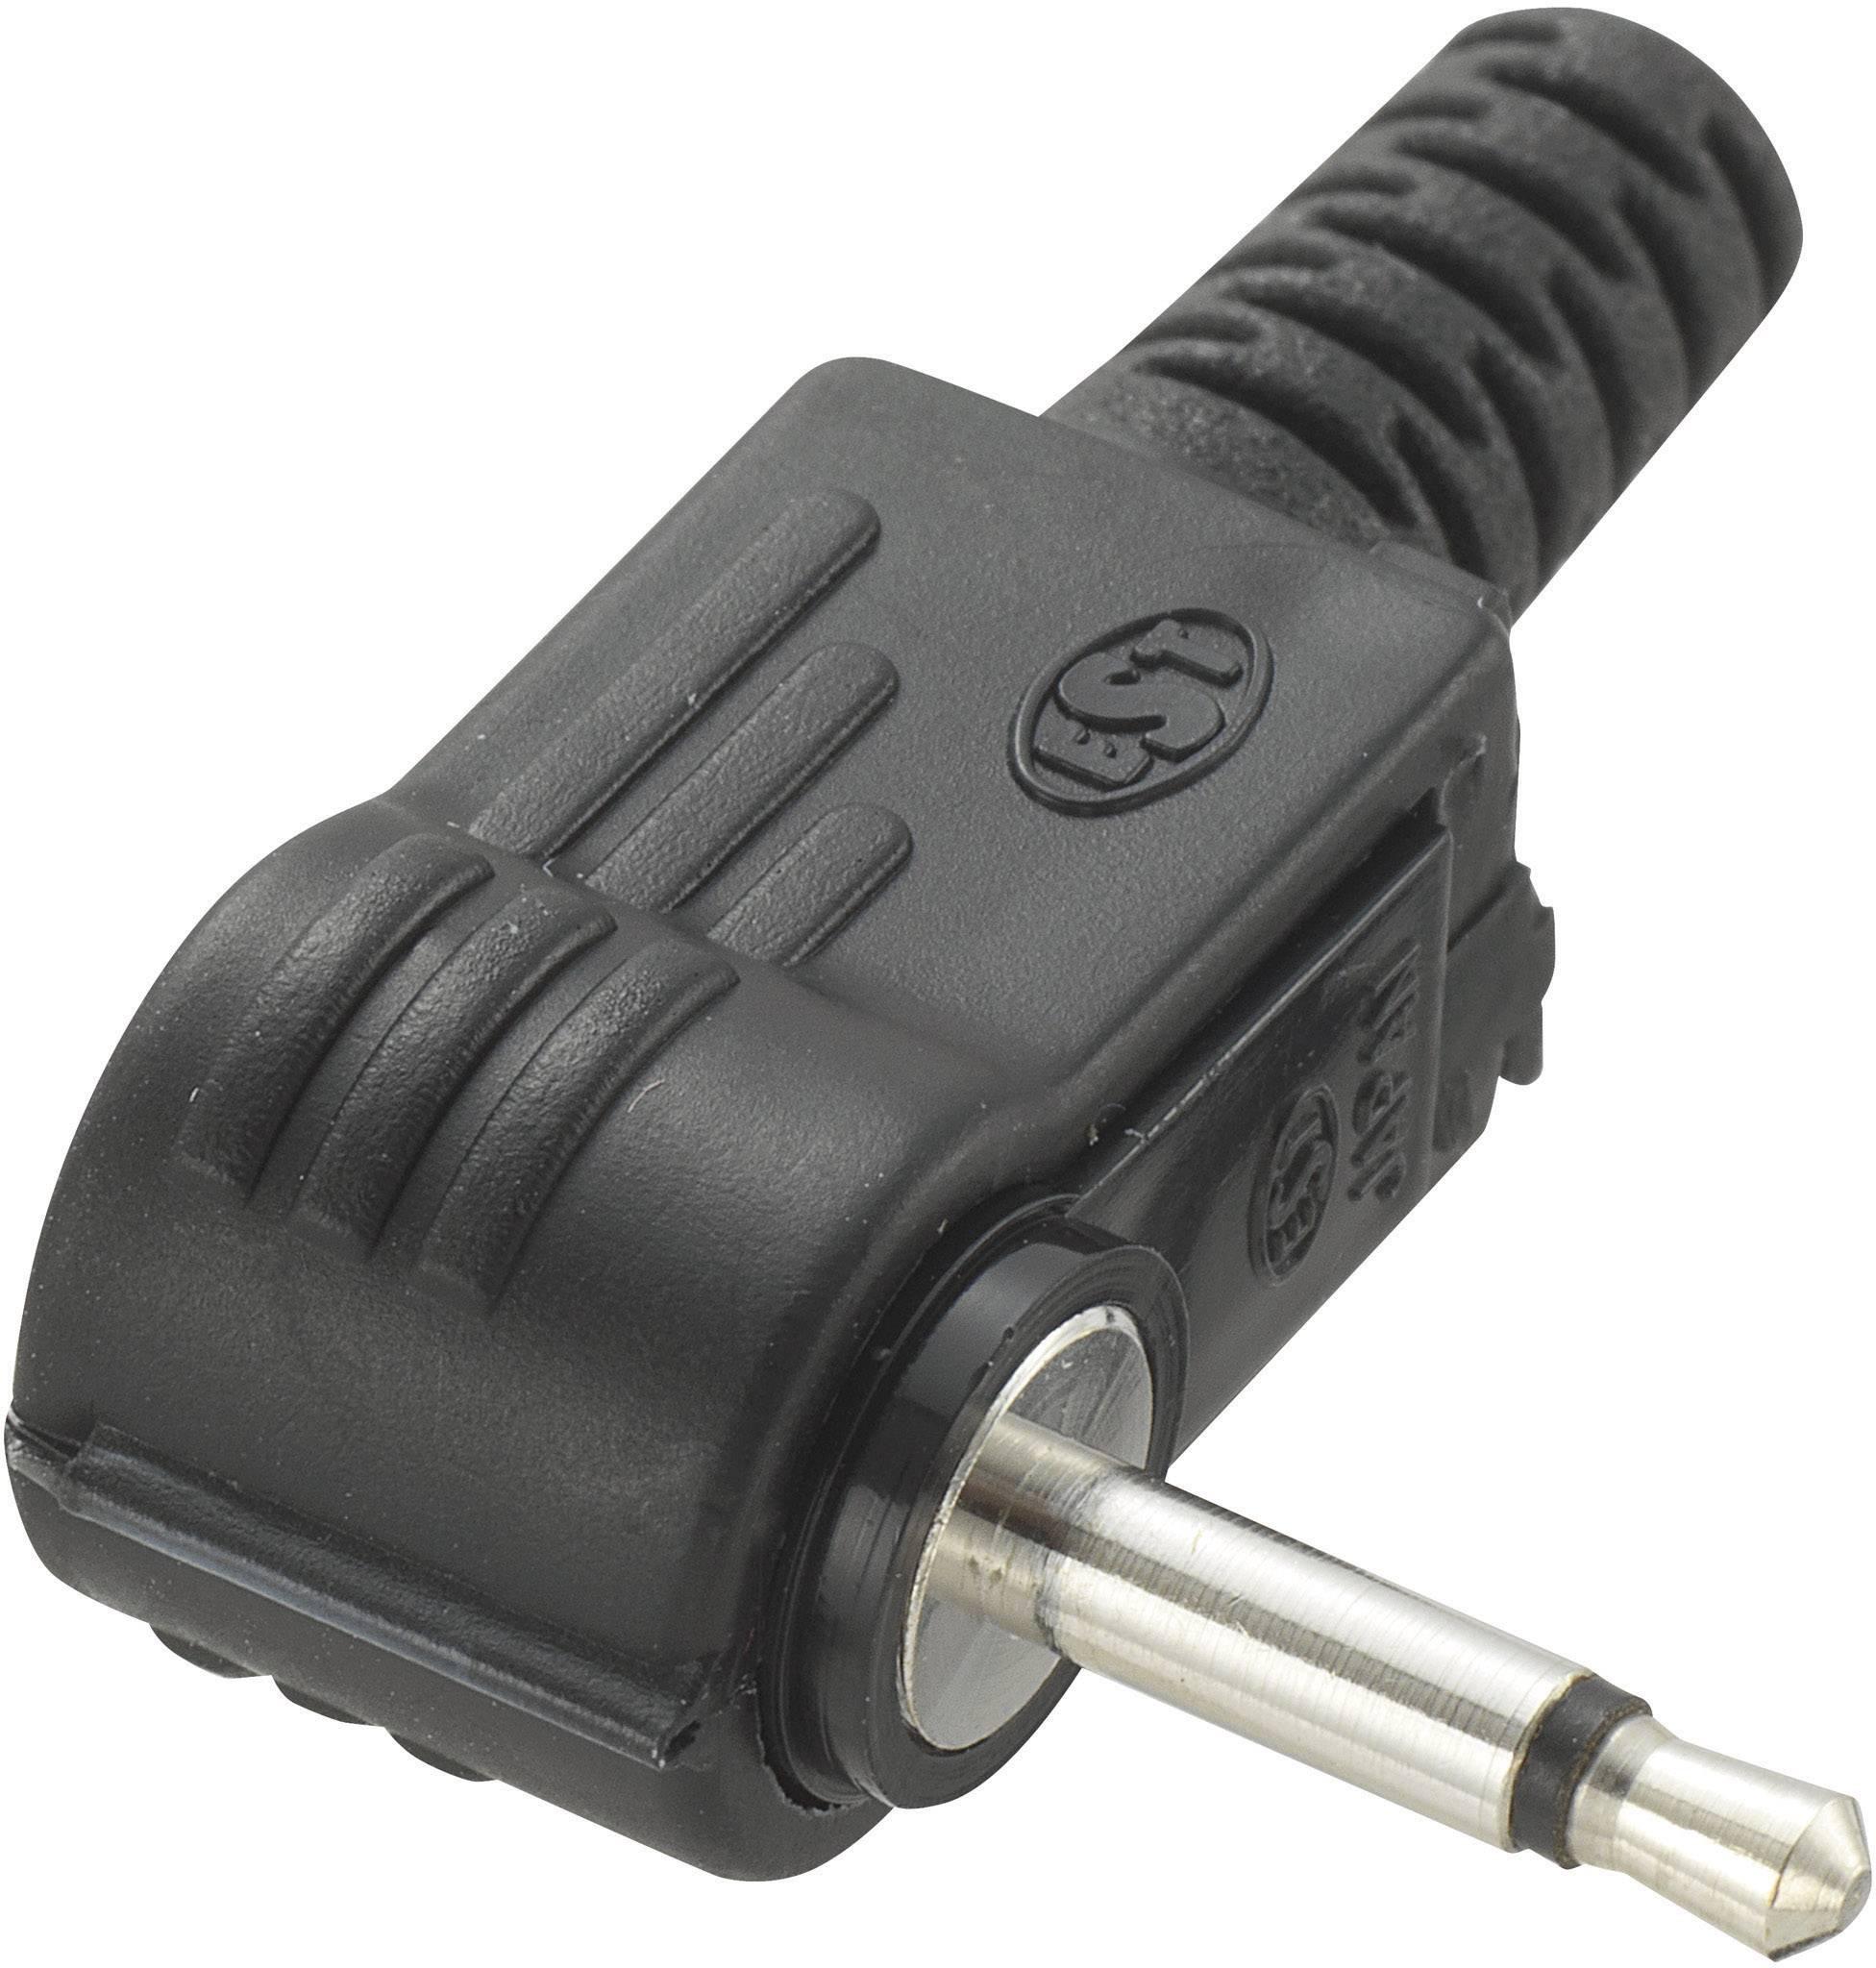 Jack konektor 2,5 mm mono, zástrčka úhlová, 2pól, černá